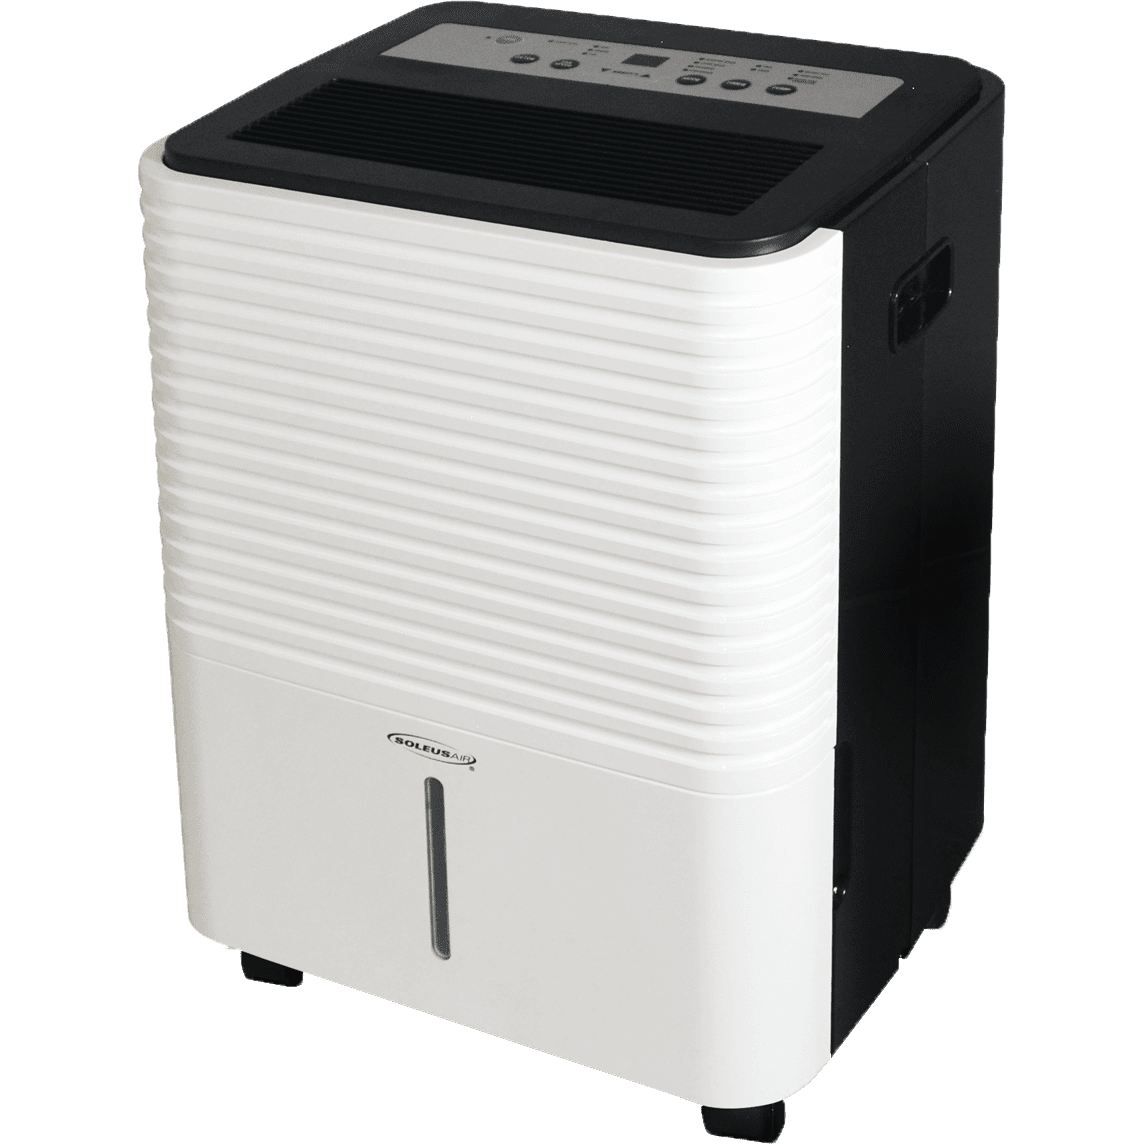 Soleus Air 95 Pint Dehumidifier W Internal Pump